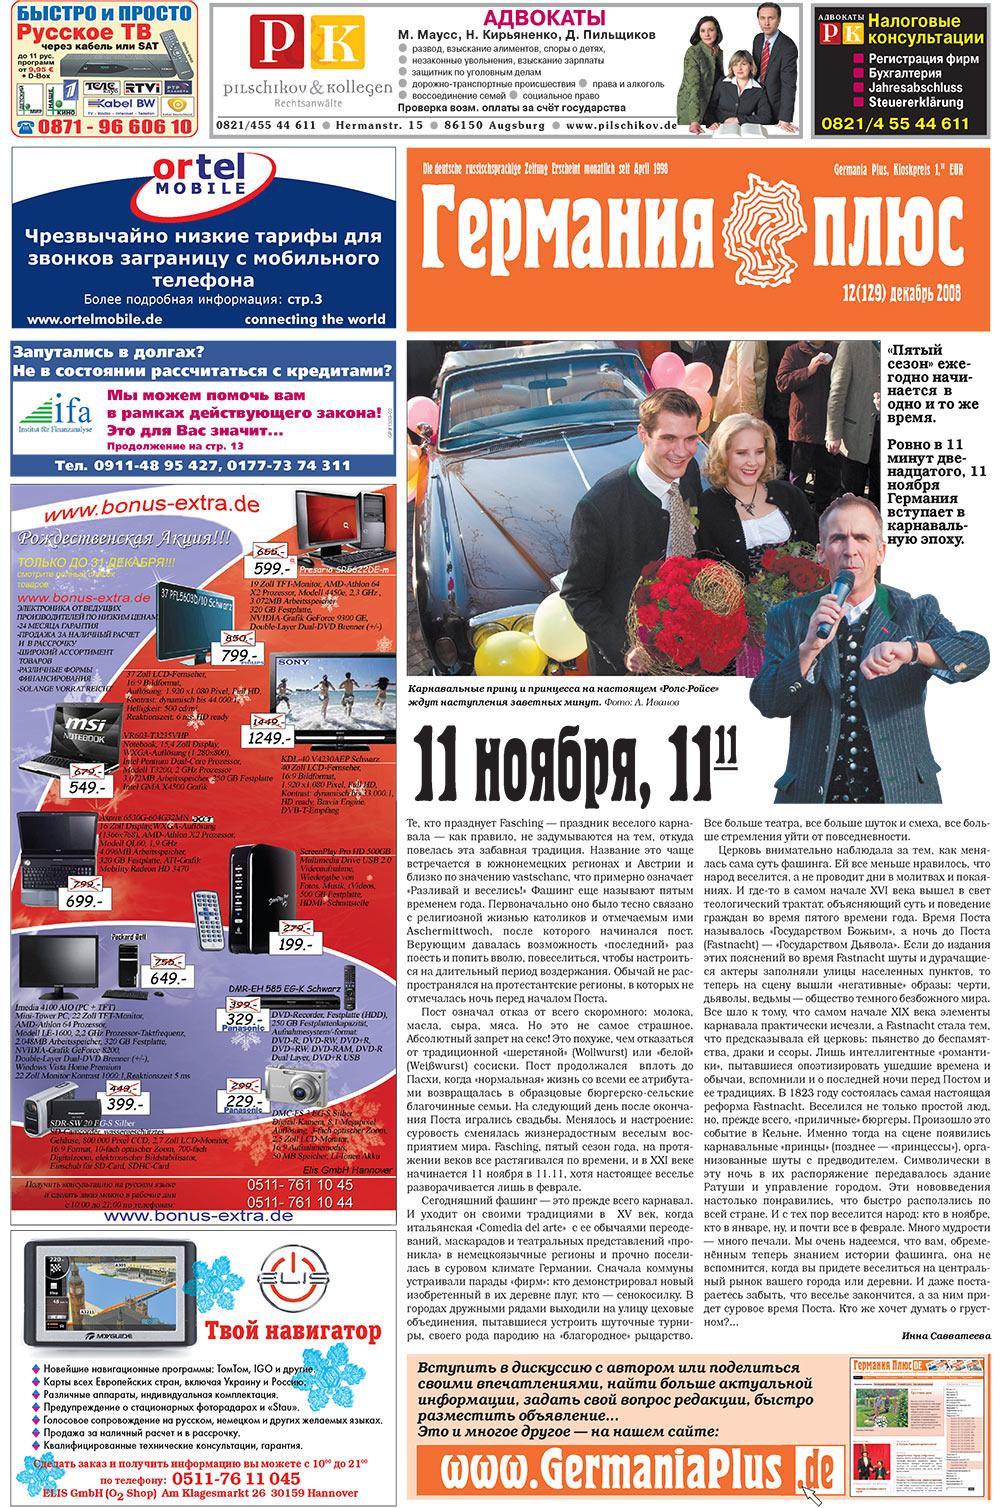 Германия плюс (газета). 2008 год, номер 12, стр. 1